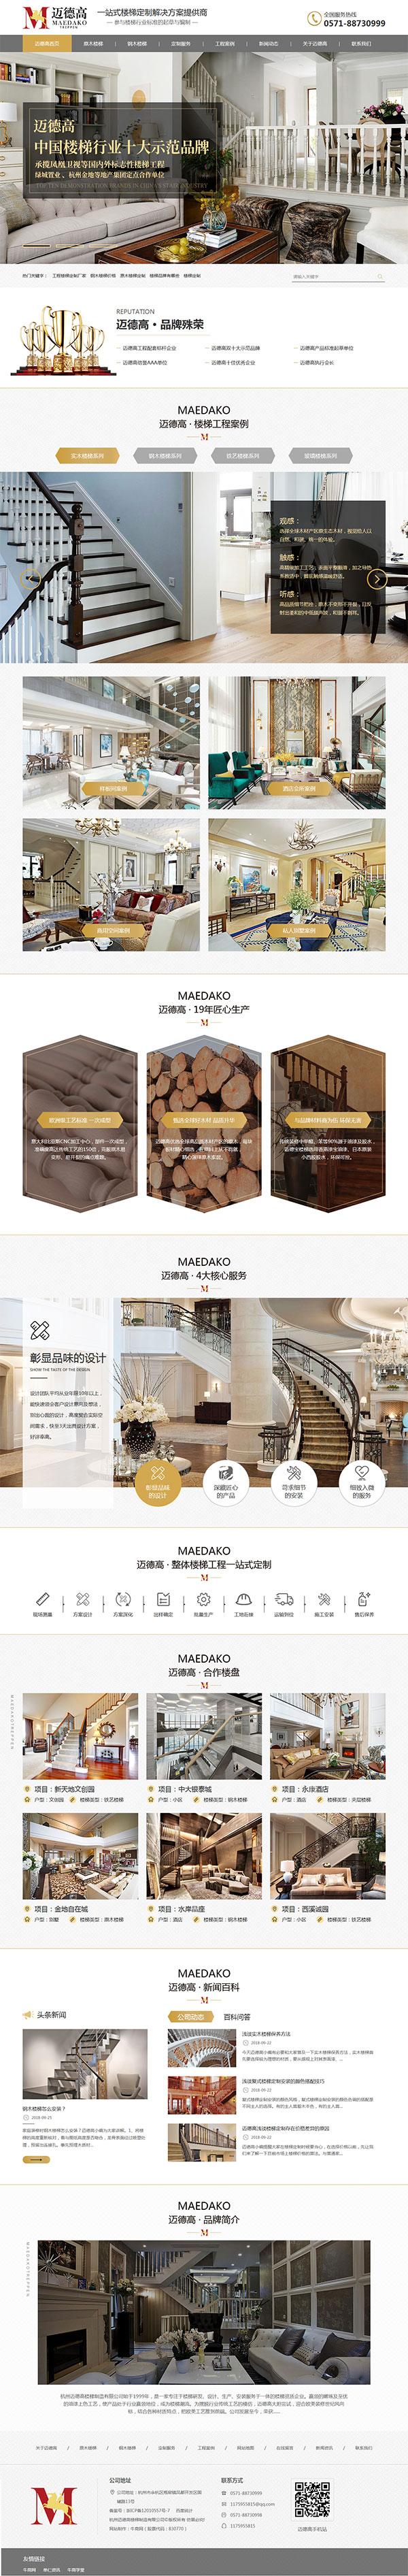 迈德高楼梯定制-营销型亚美游页面